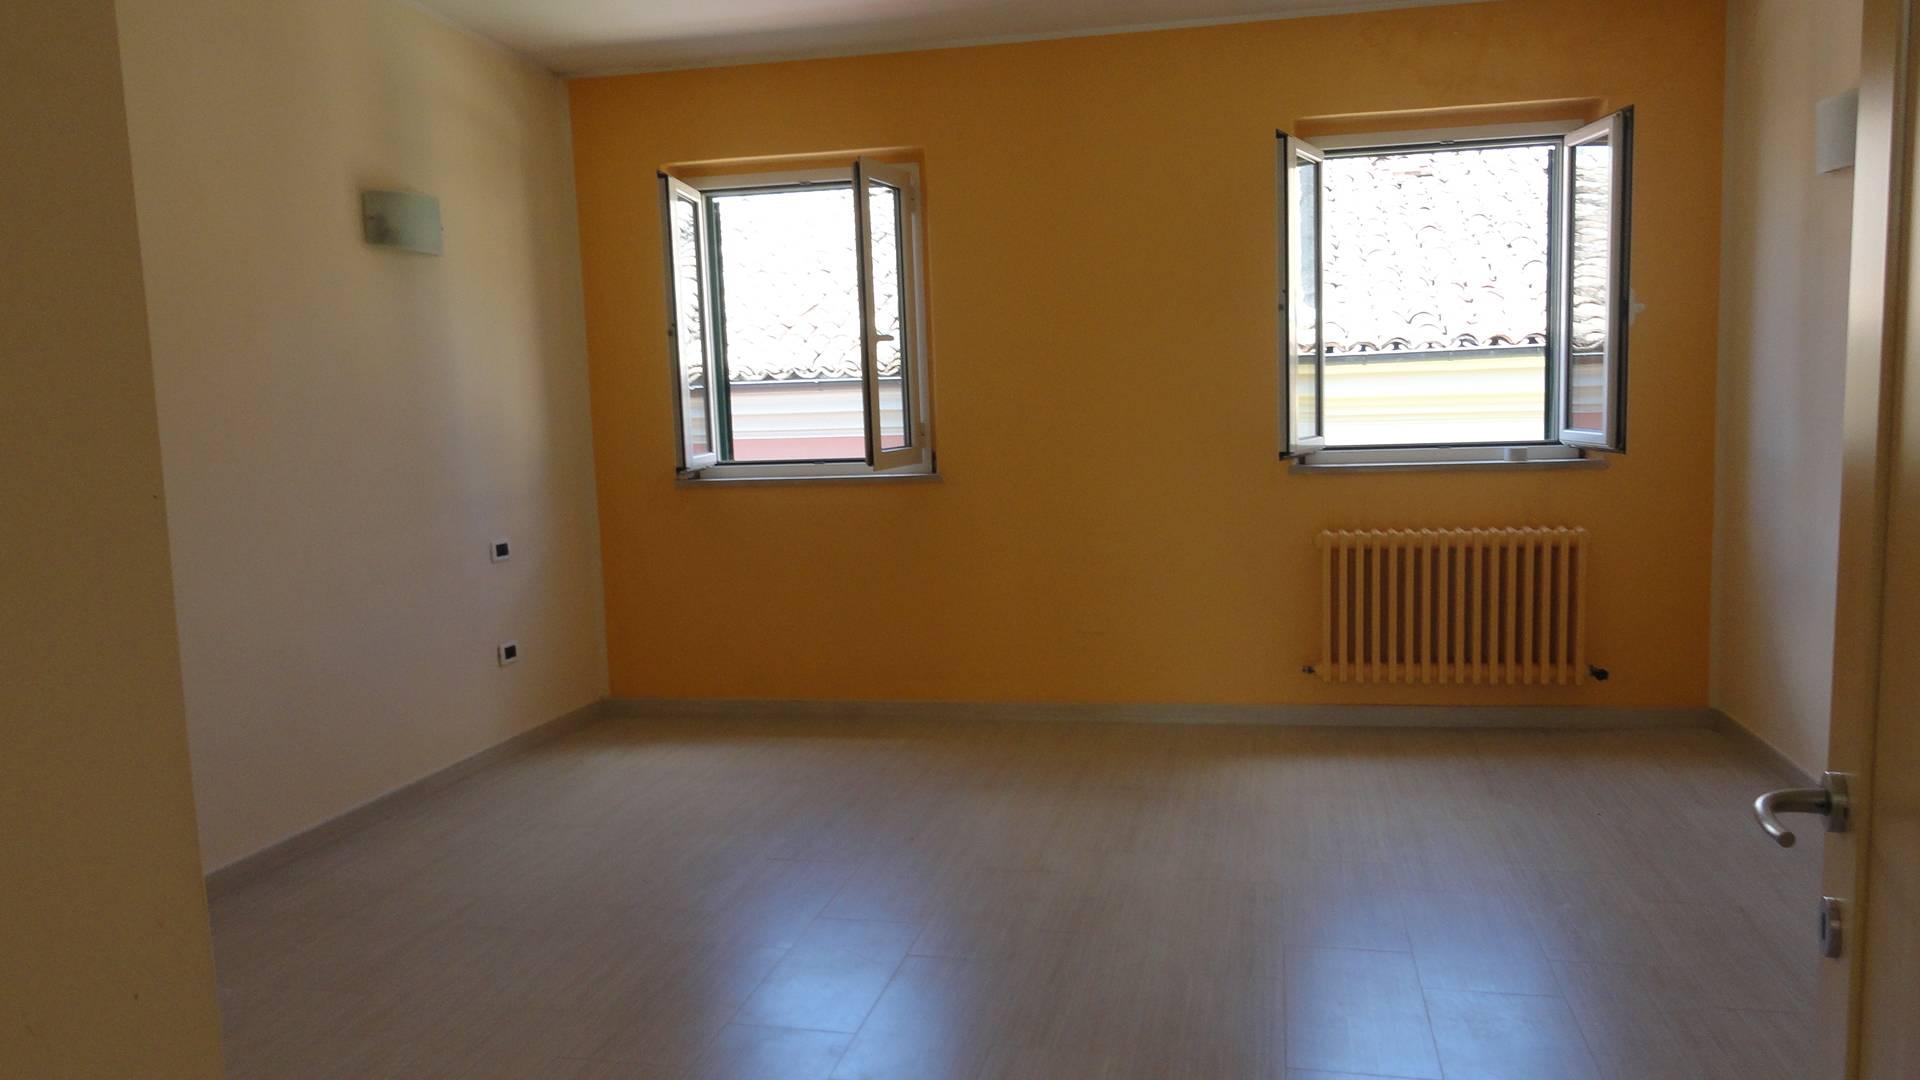 Appartamento in affitto a Teramo, 4 locali, zona Località: CentroStorico, prezzo € 500 | CambioCasa.it